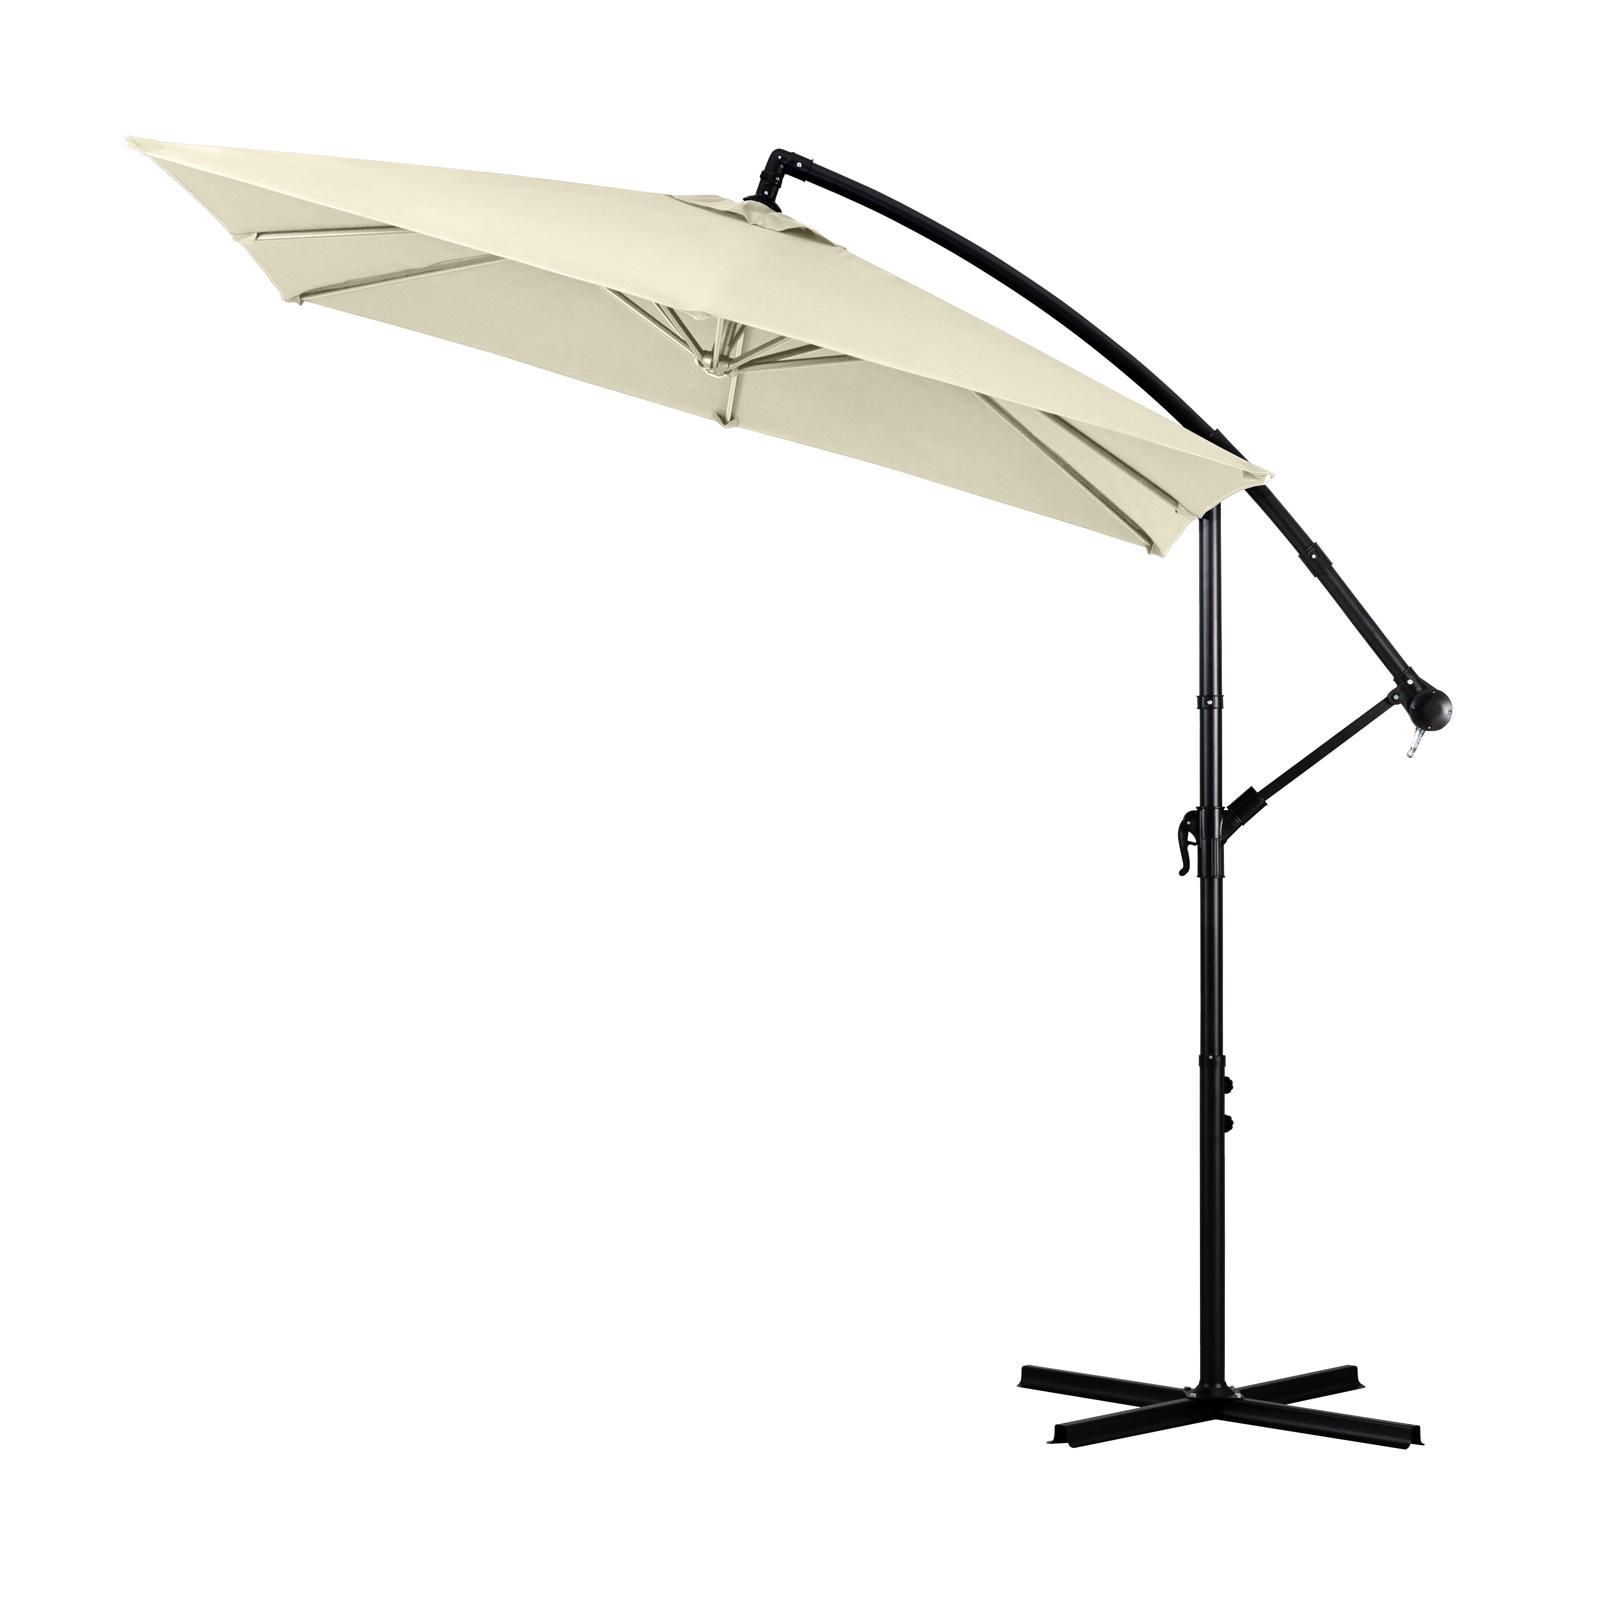 Milano-2-2M-Outdoor-Umbrella-Cantilever-Garden-Deck-Patio-Shade-Water-Resistant thumbnail 8